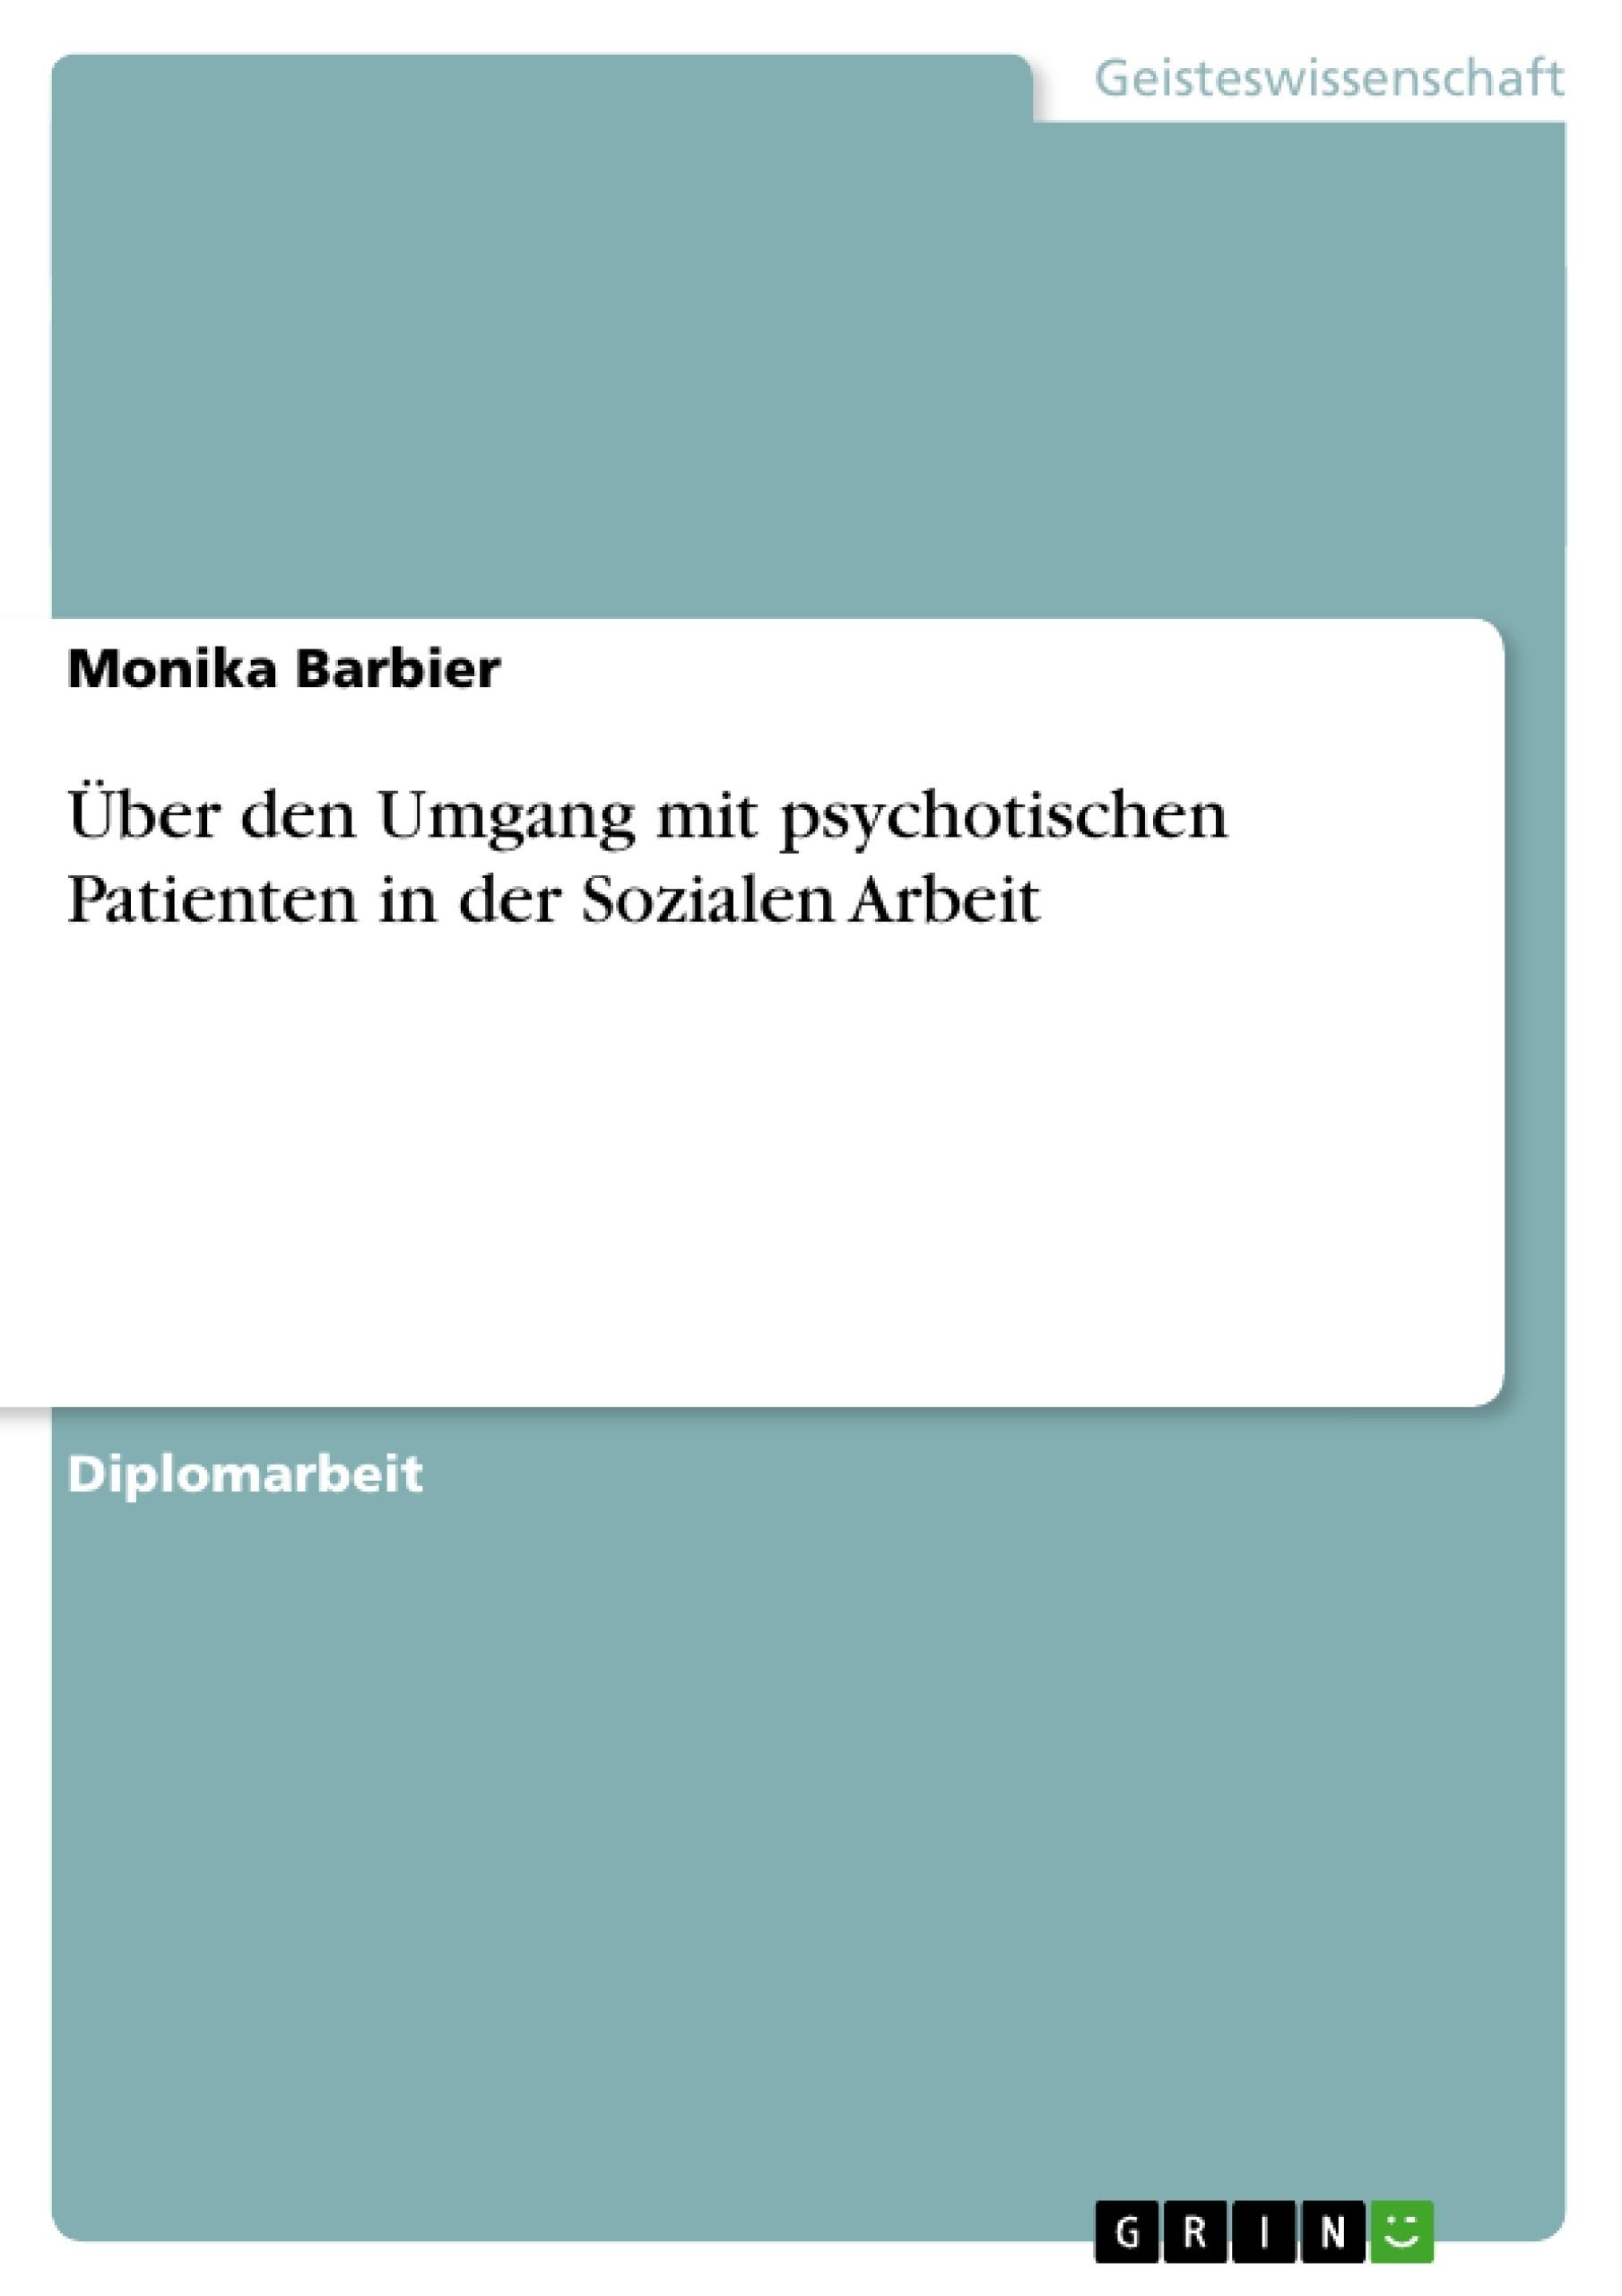 Titel: Über den Umgang mit psychotischen Patienten in der Sozialen Arbeit